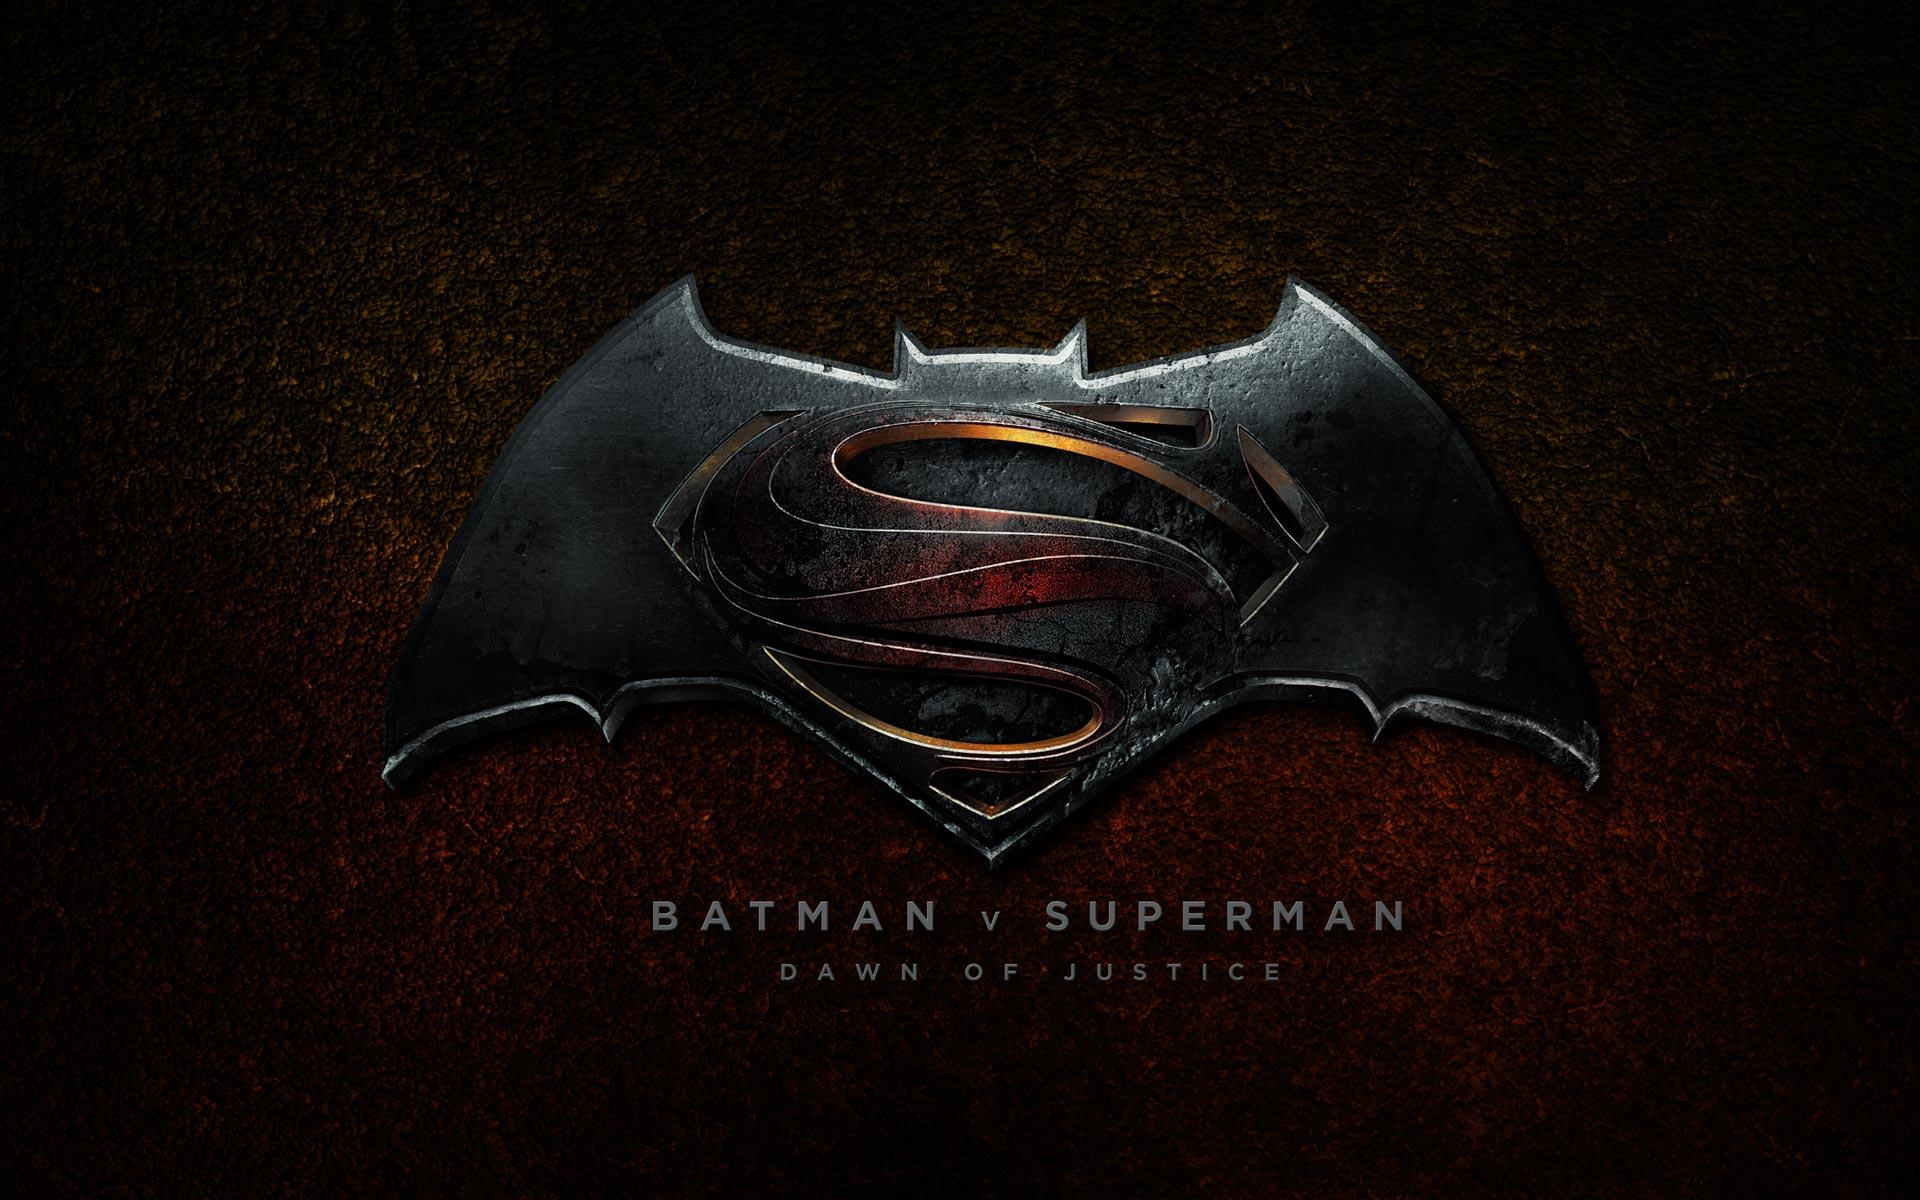 Batman vs Superman Dawn of Justice 2016 Logo Wallpaper HD 1920x1200